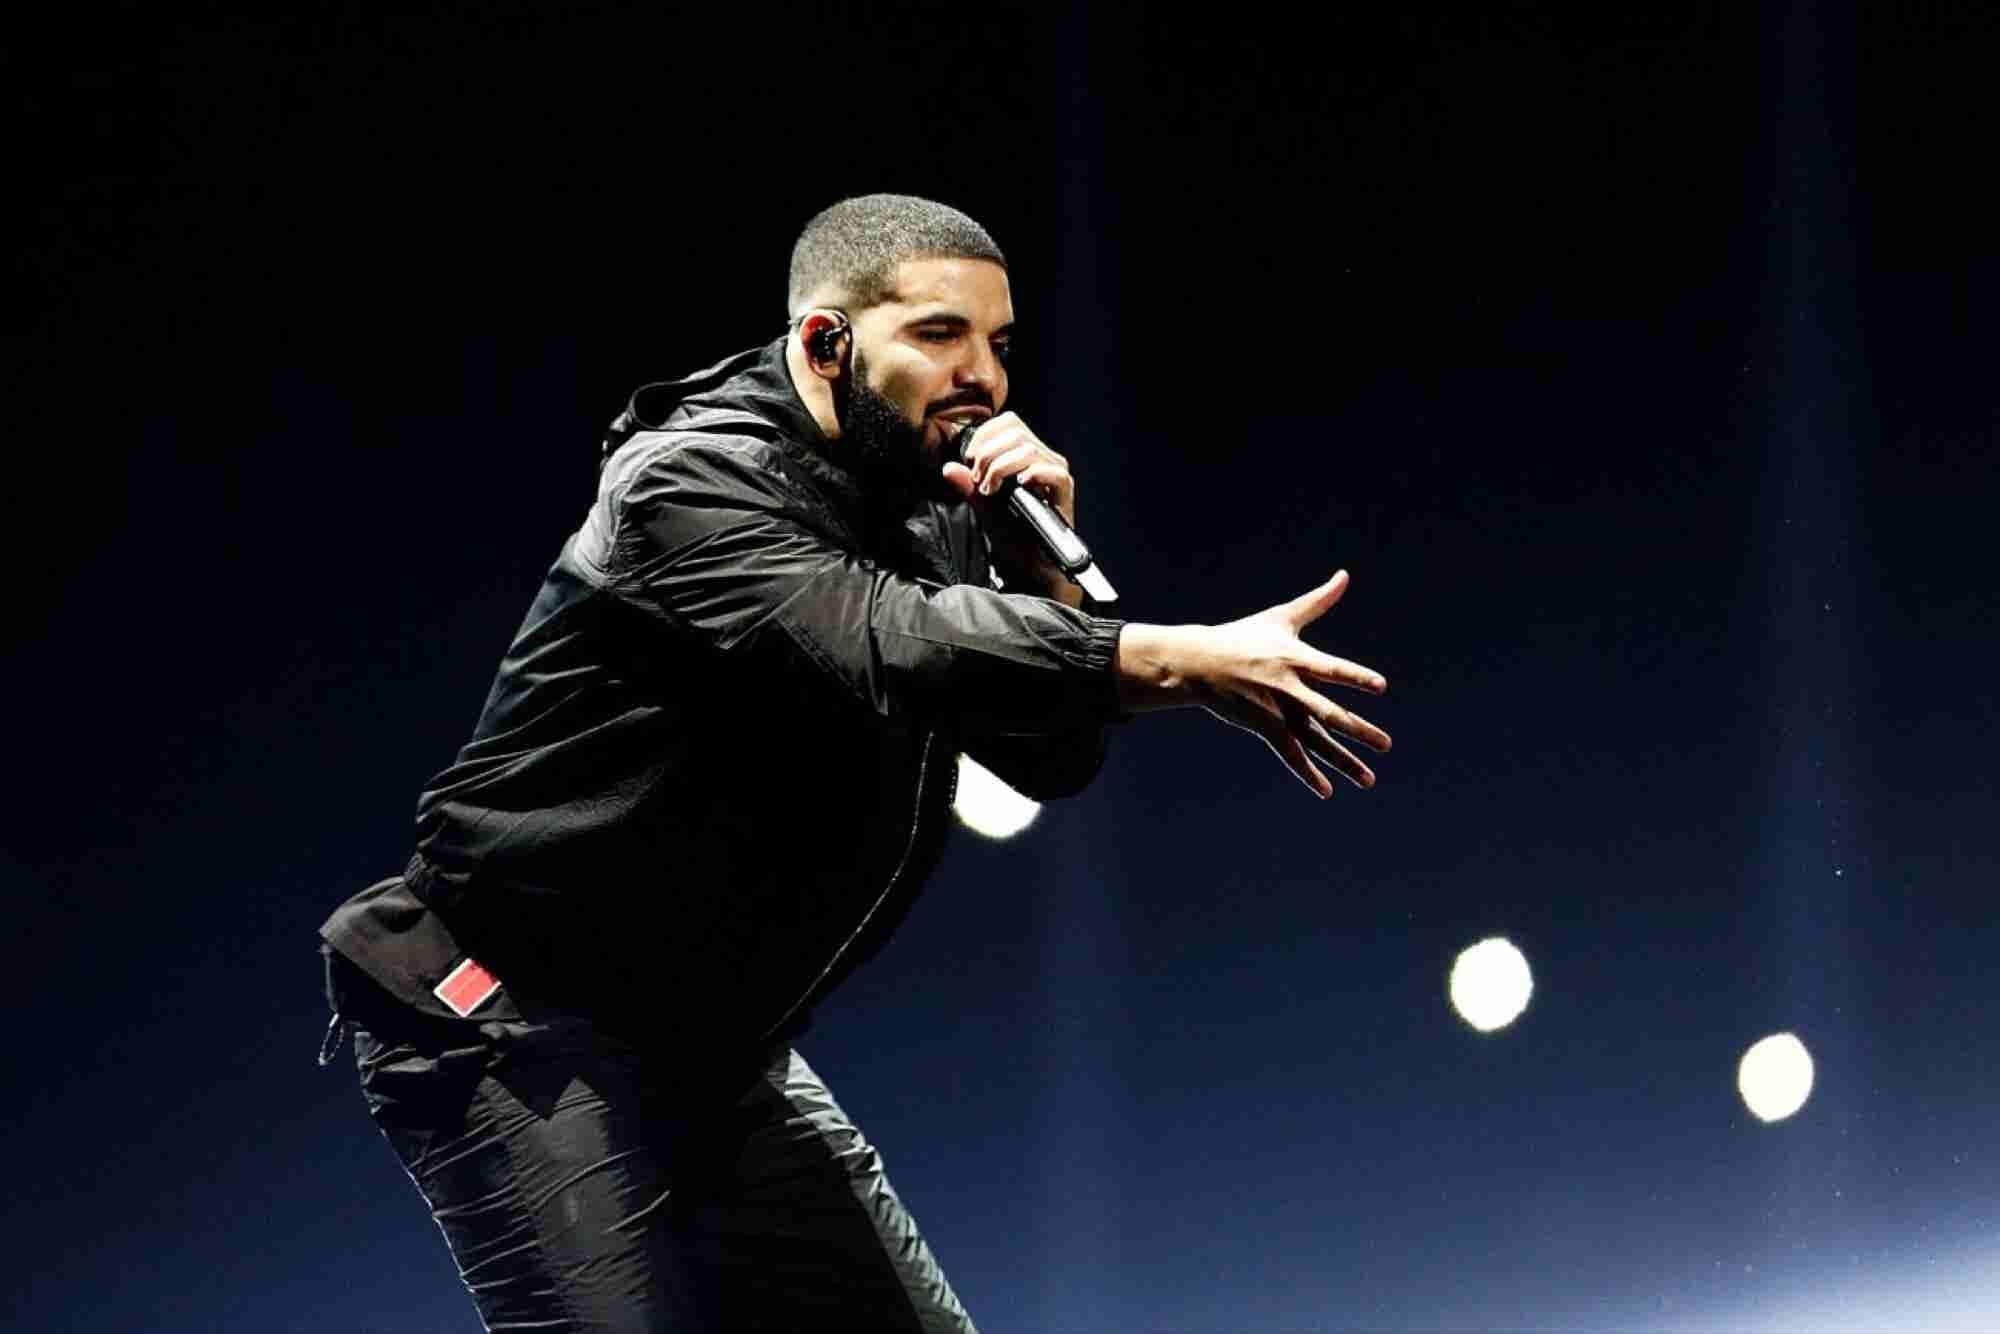 Surprisingly, Drake's Lyrics Provide Solid Lessons for Entrepreneurs